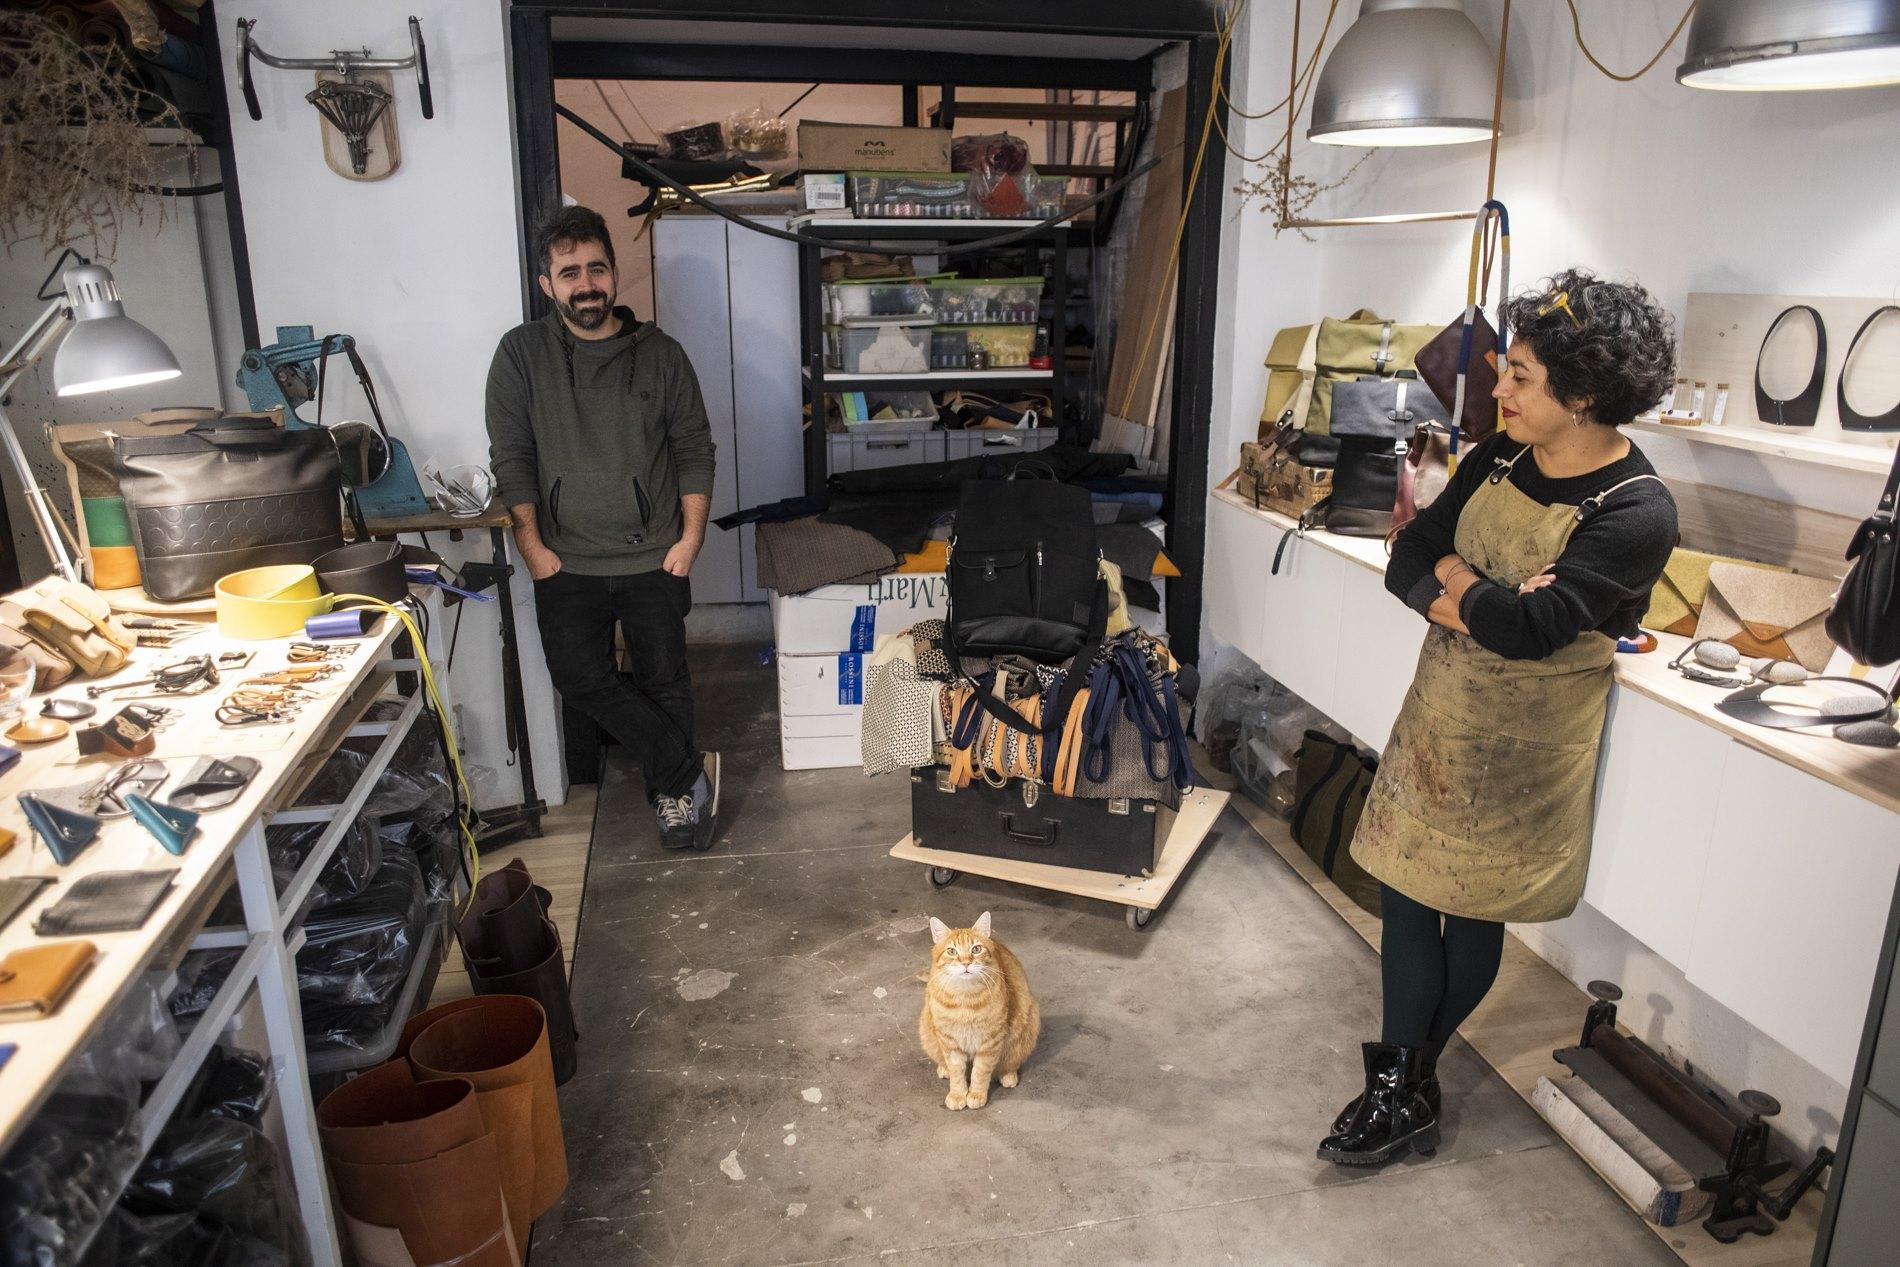 La mascota de los artesanos, Gattusso, es quien recibe siempre a los clientes.